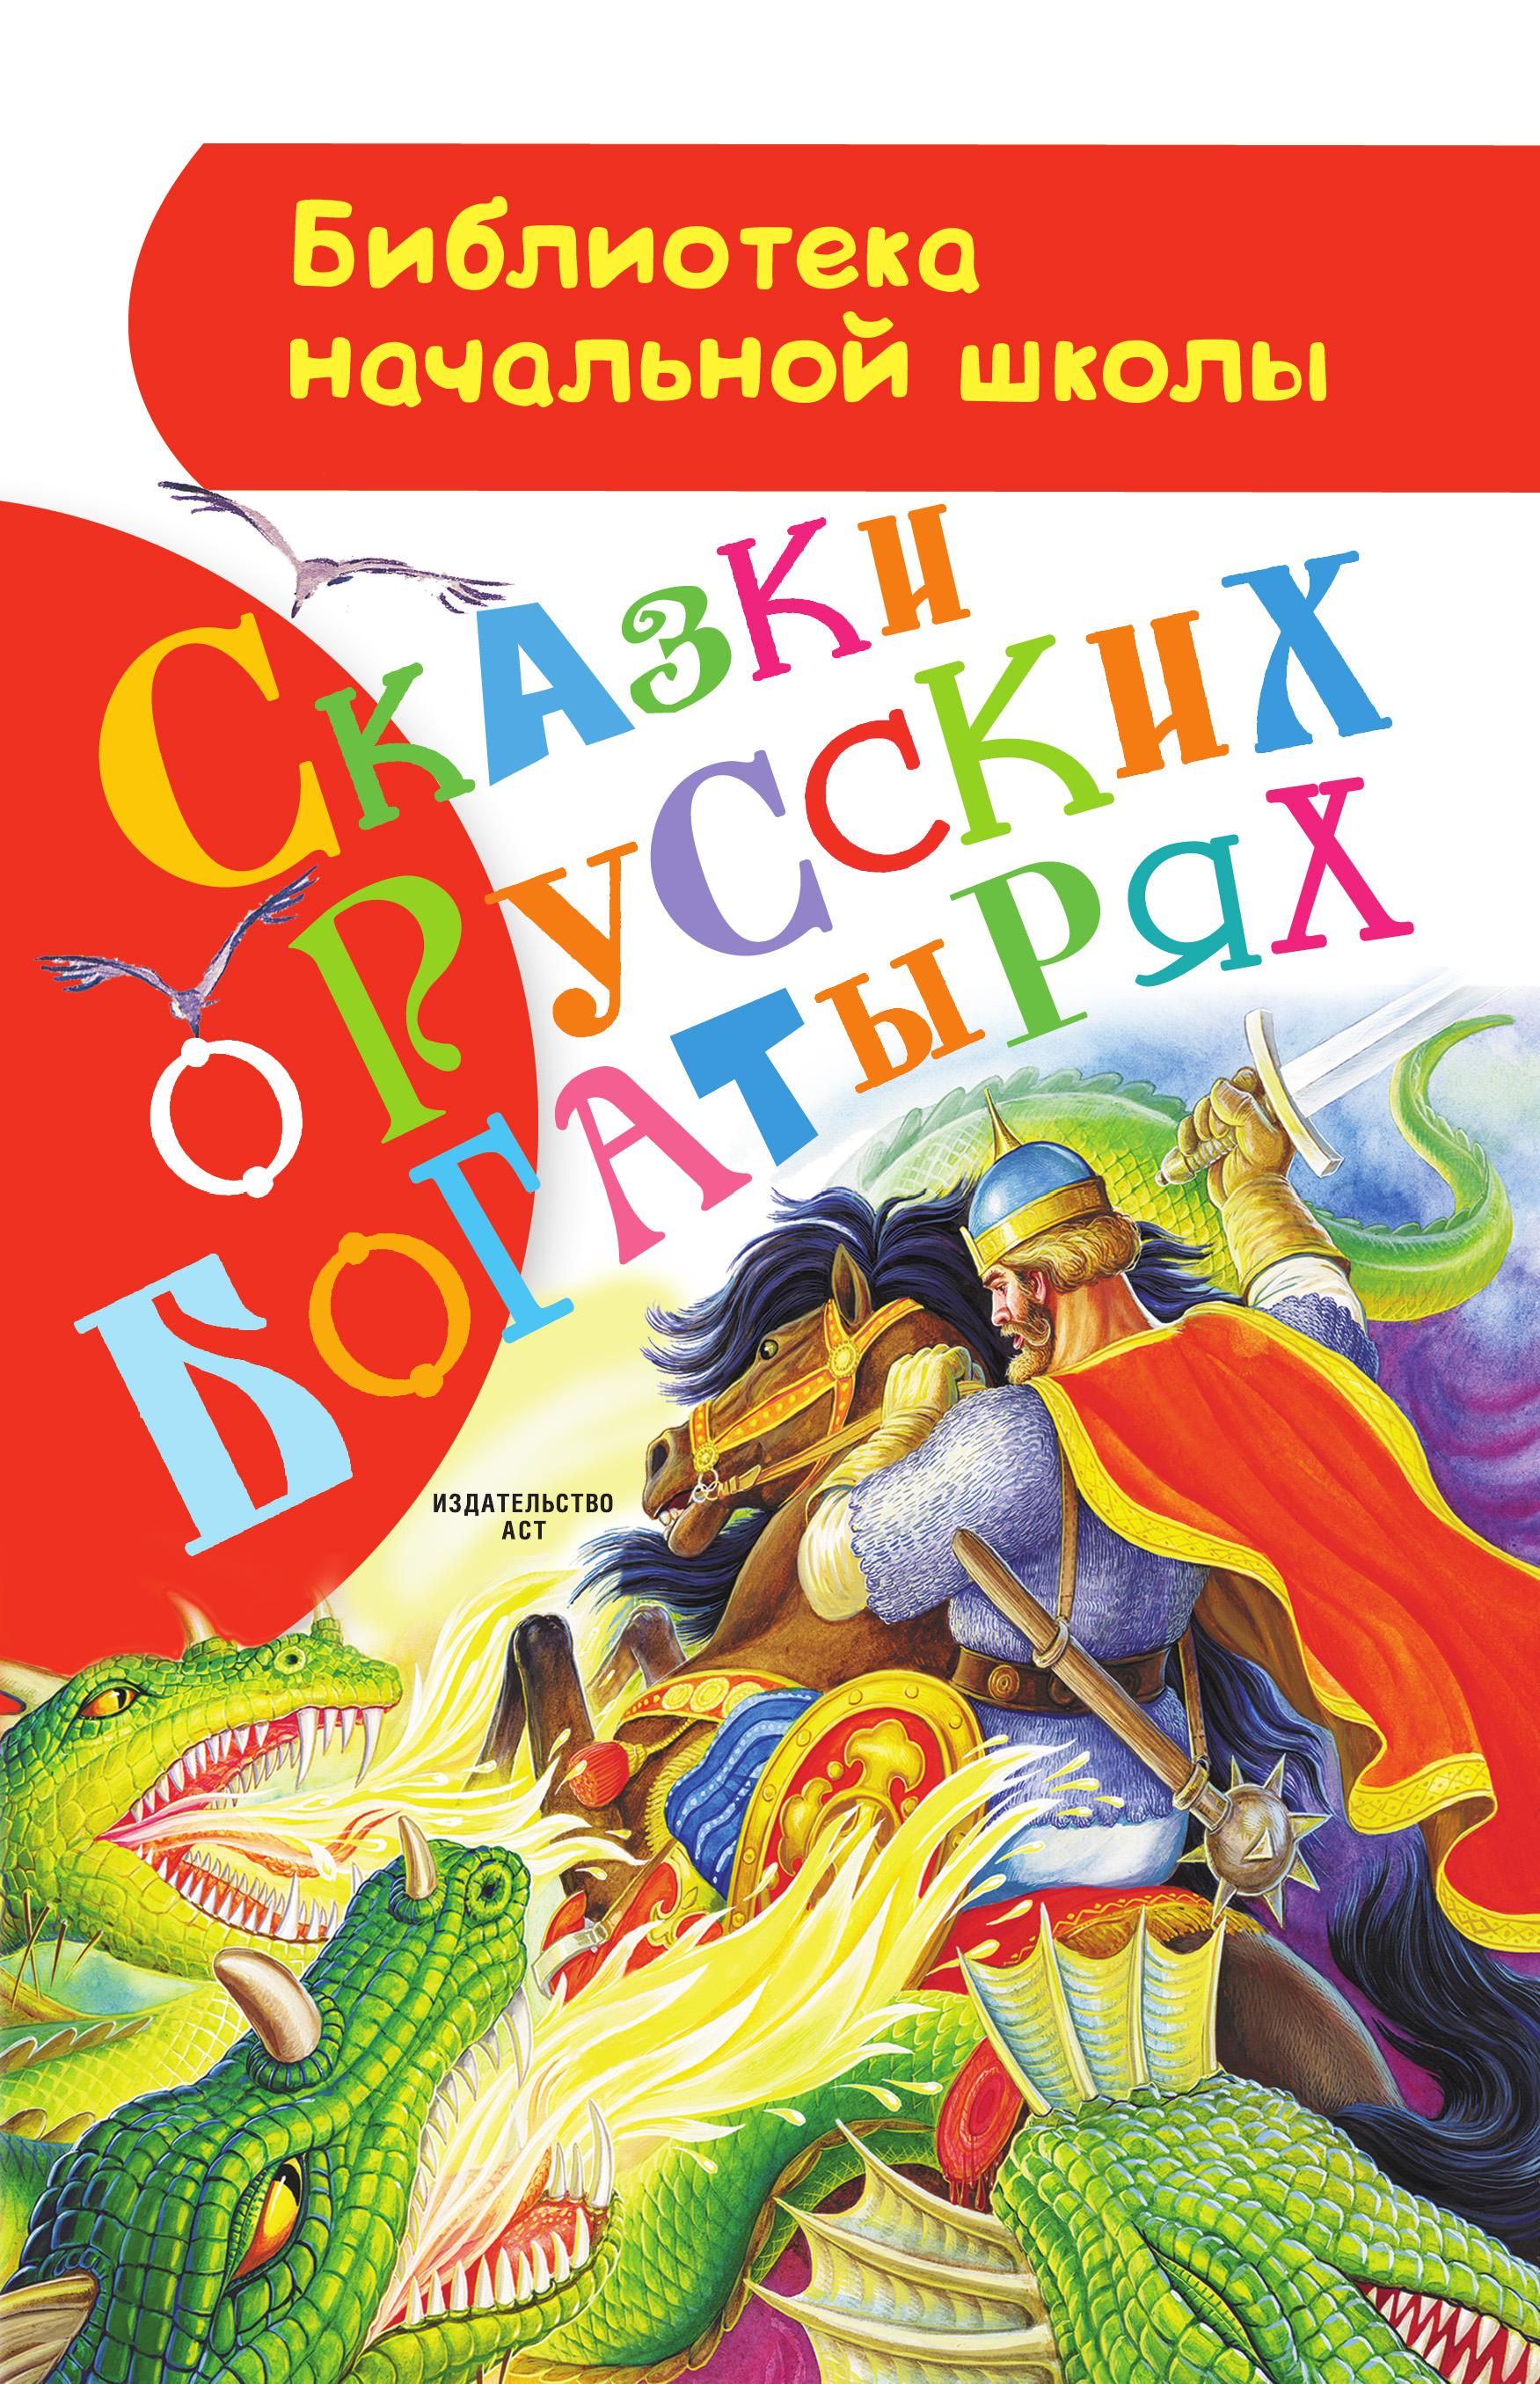 Народное творчество Сказки орусских богатырях цена